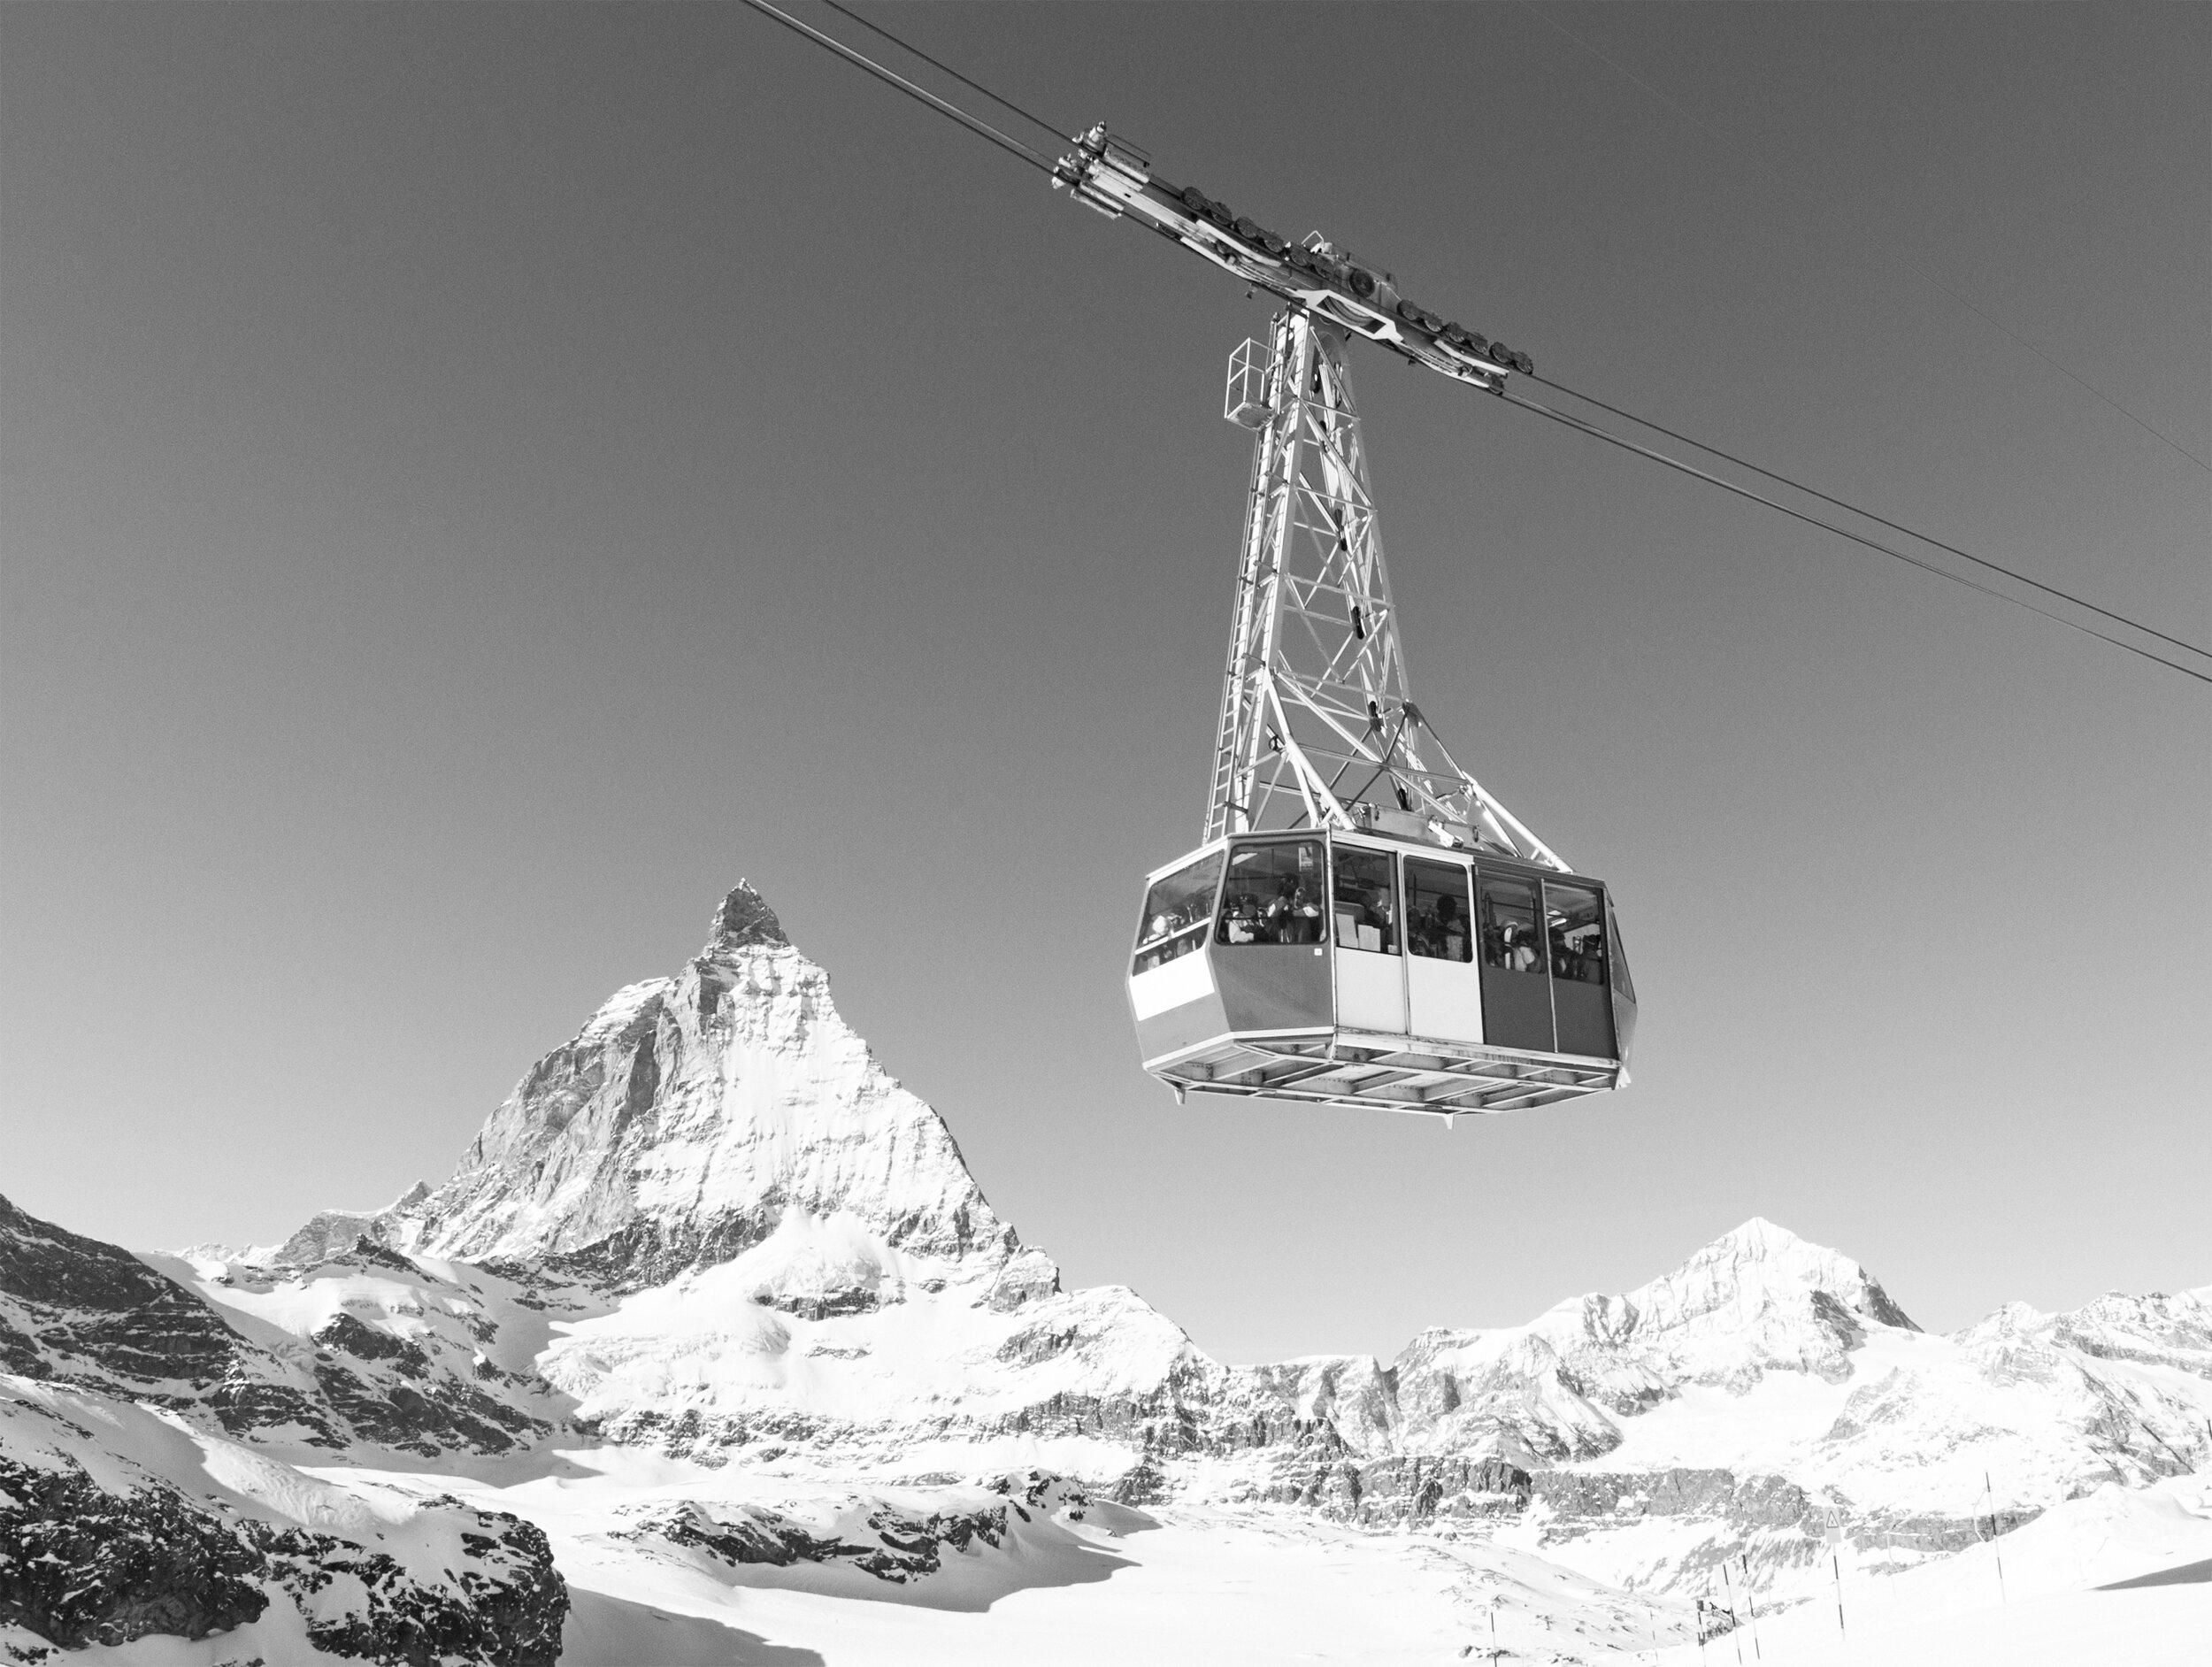 matterhorn_gondola_official.jpg